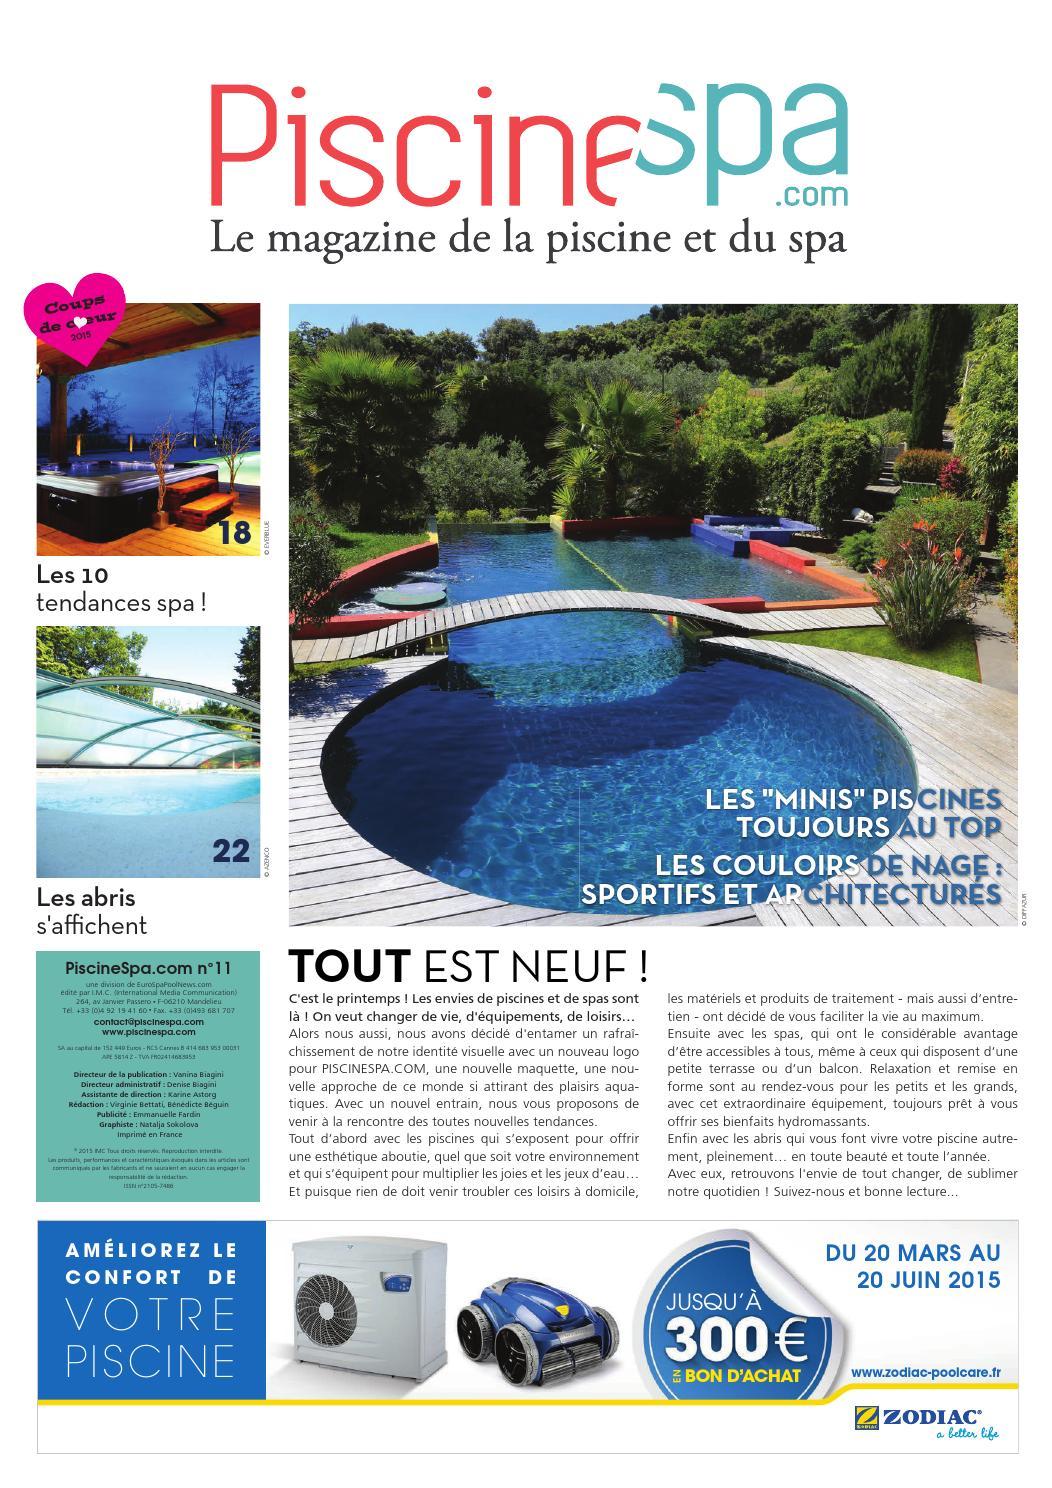 Prix Piscine Aquilus Mini Water piscinespa n°11piscinespa - issuu